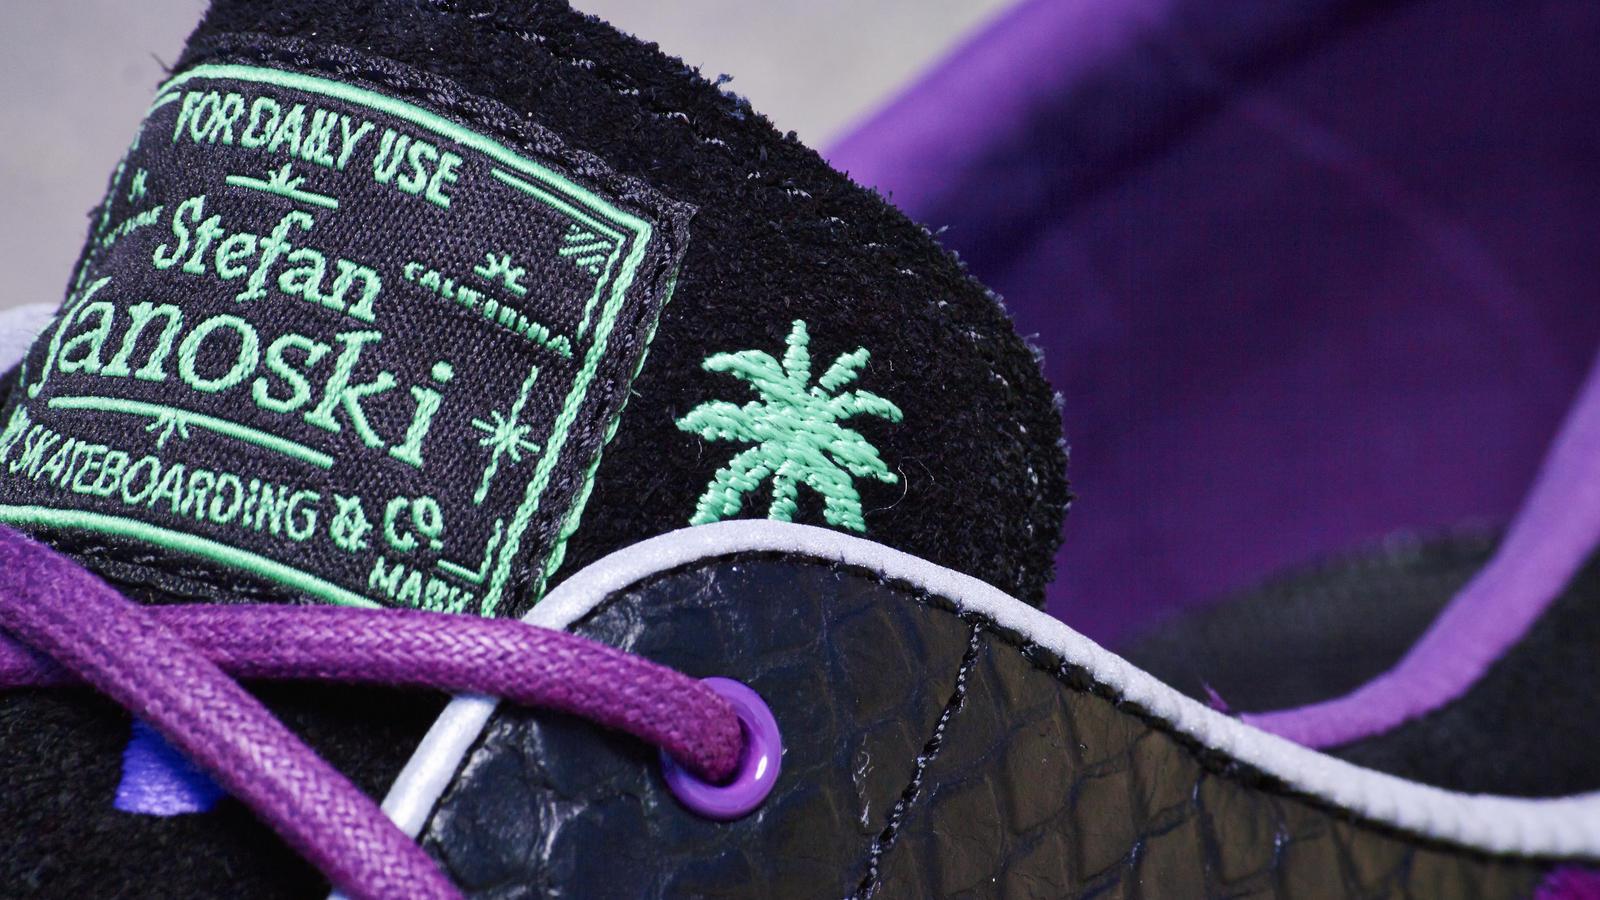 Footwear Details 0142